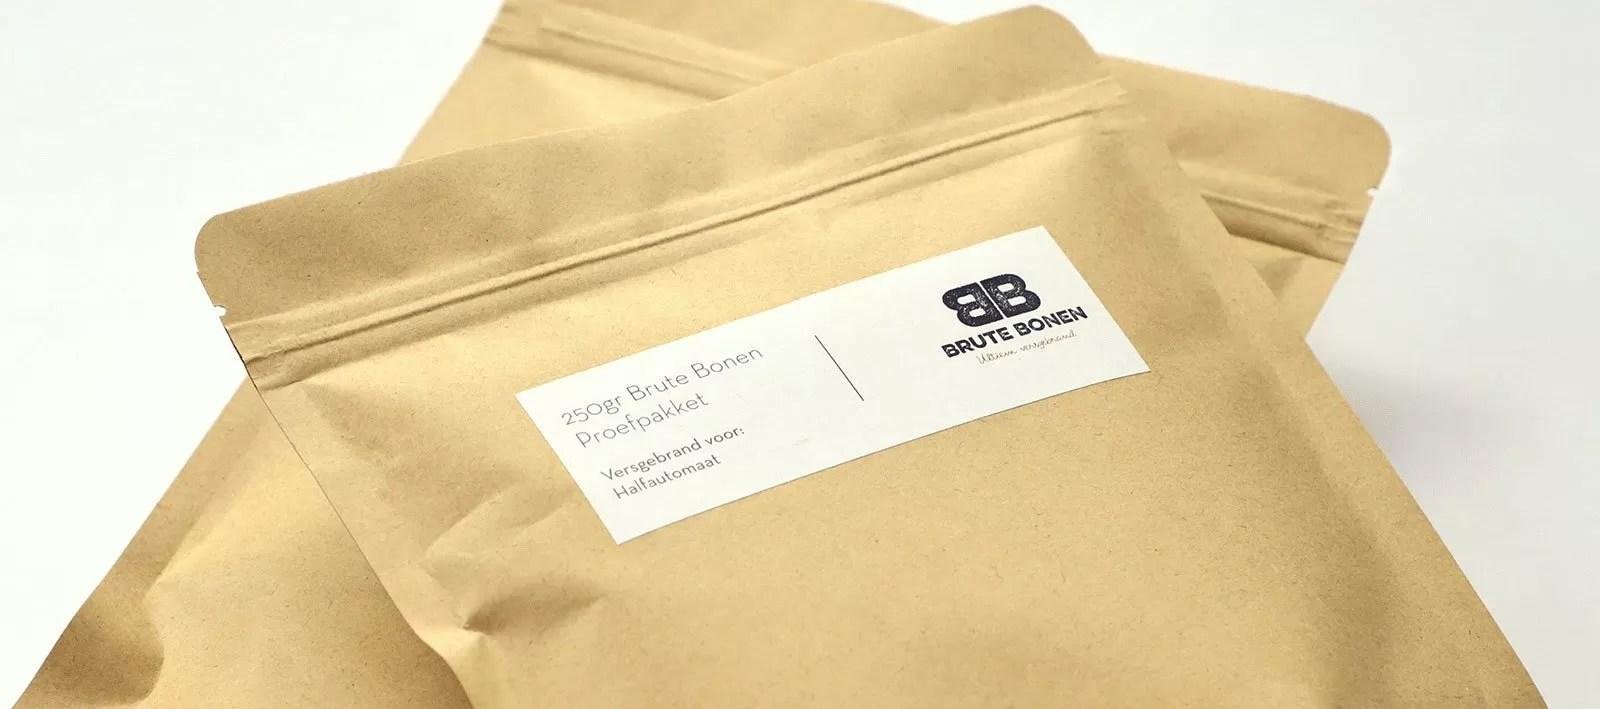 Zoektocht naar een duurzame verpakking